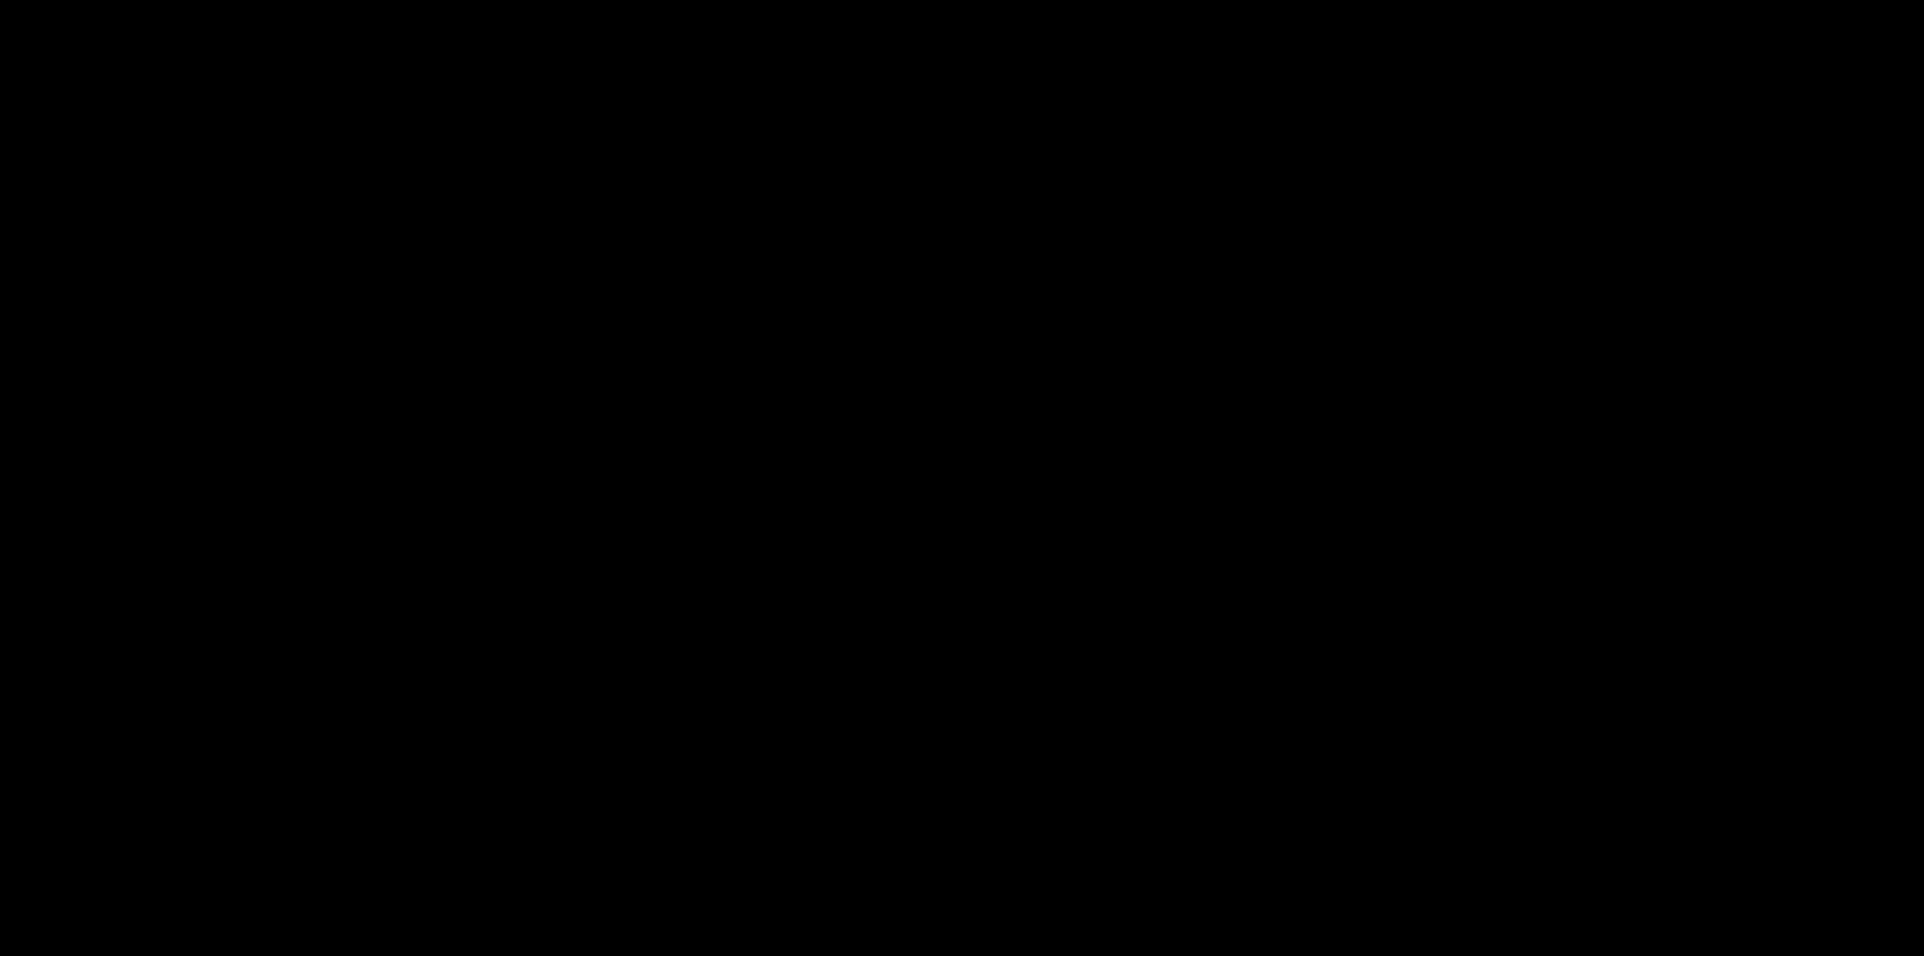 ++BLUTDRUCK-MESSGERÄT-AKTION++